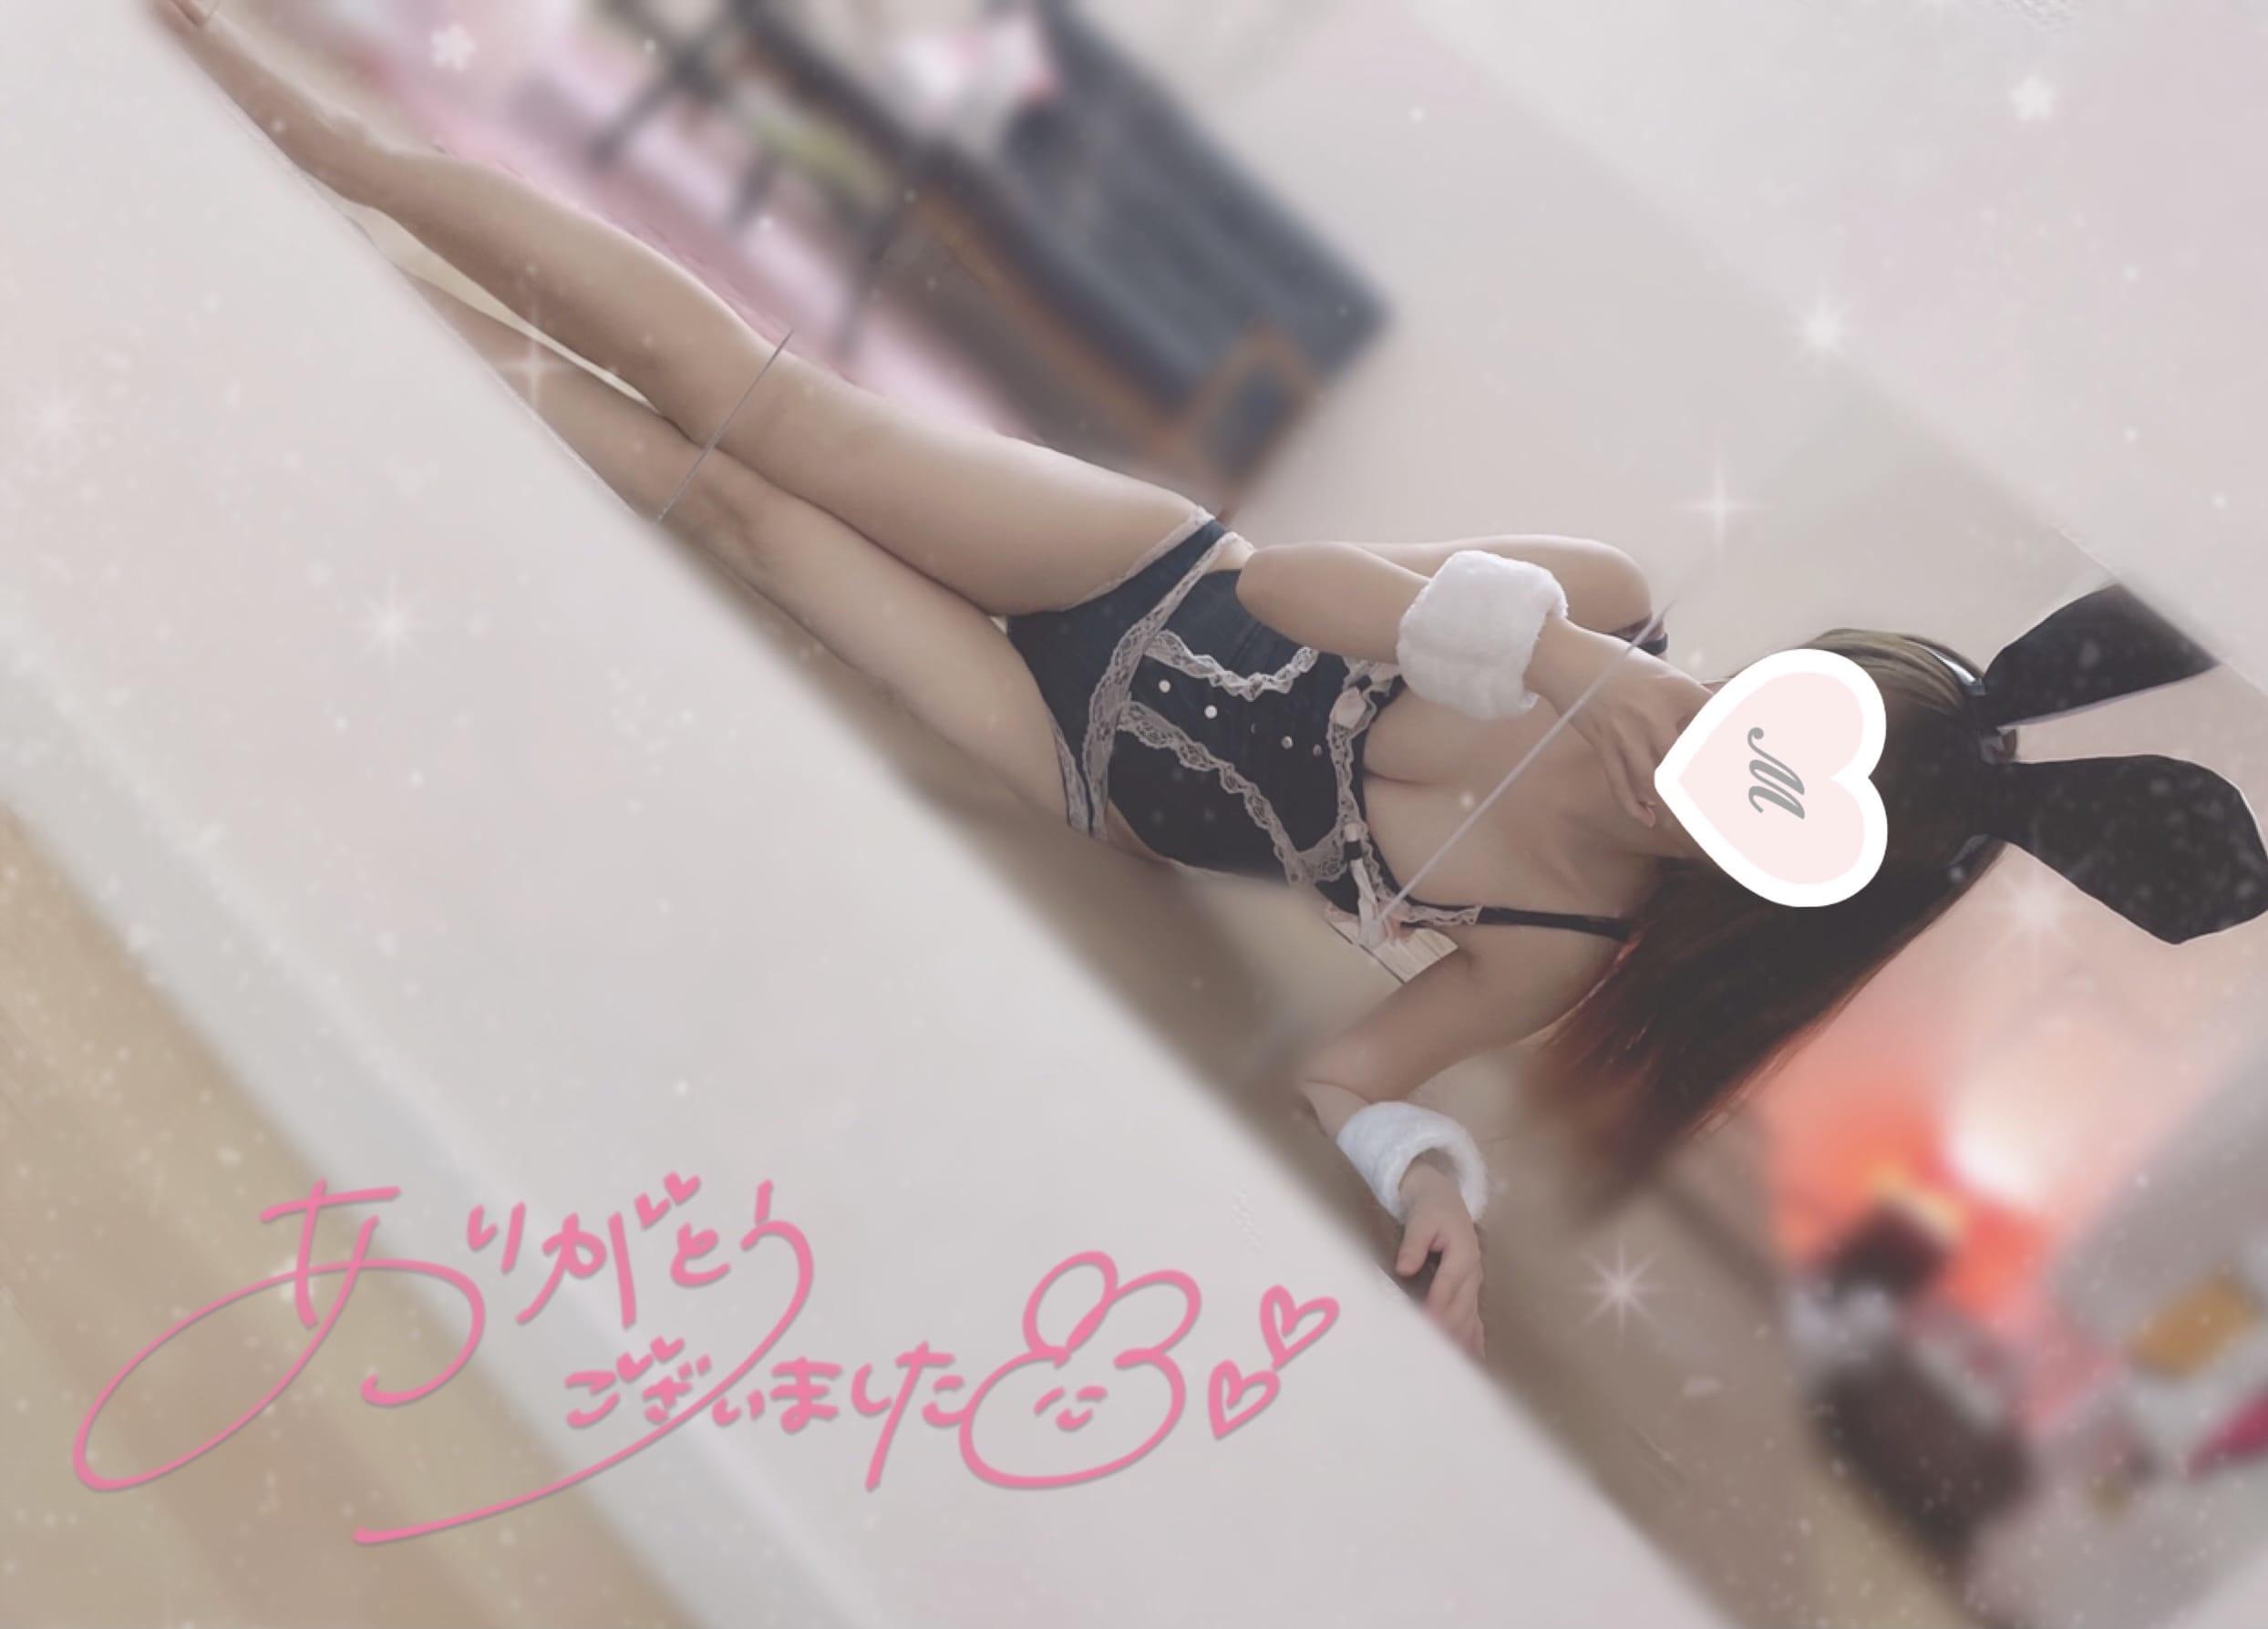 「お礼♡」06/12(土) 05:19 | 天使もえの写メ日記